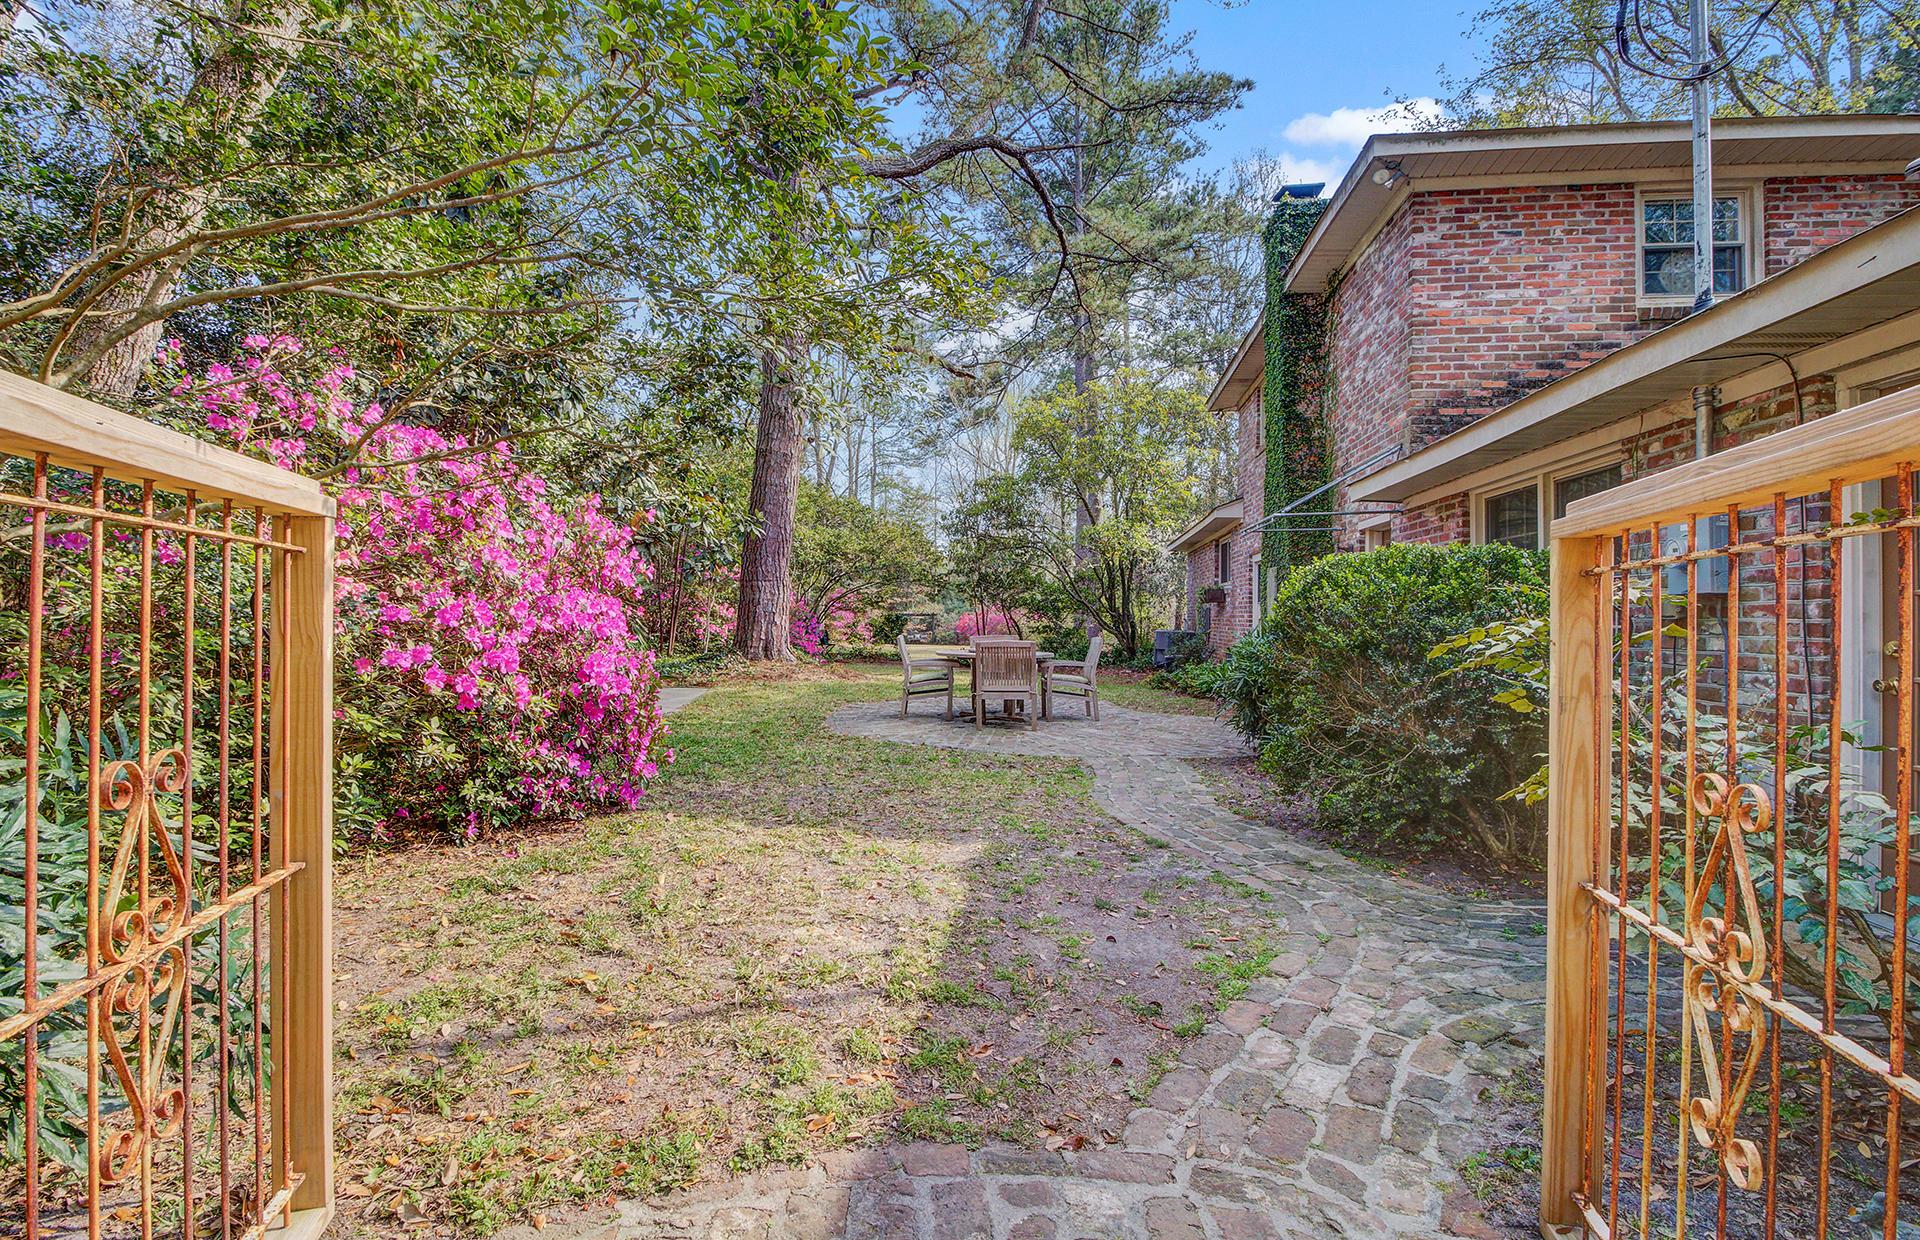 Pine Forest Inn Homes For Sale - 543 Simmons, Summerville, SC - 6